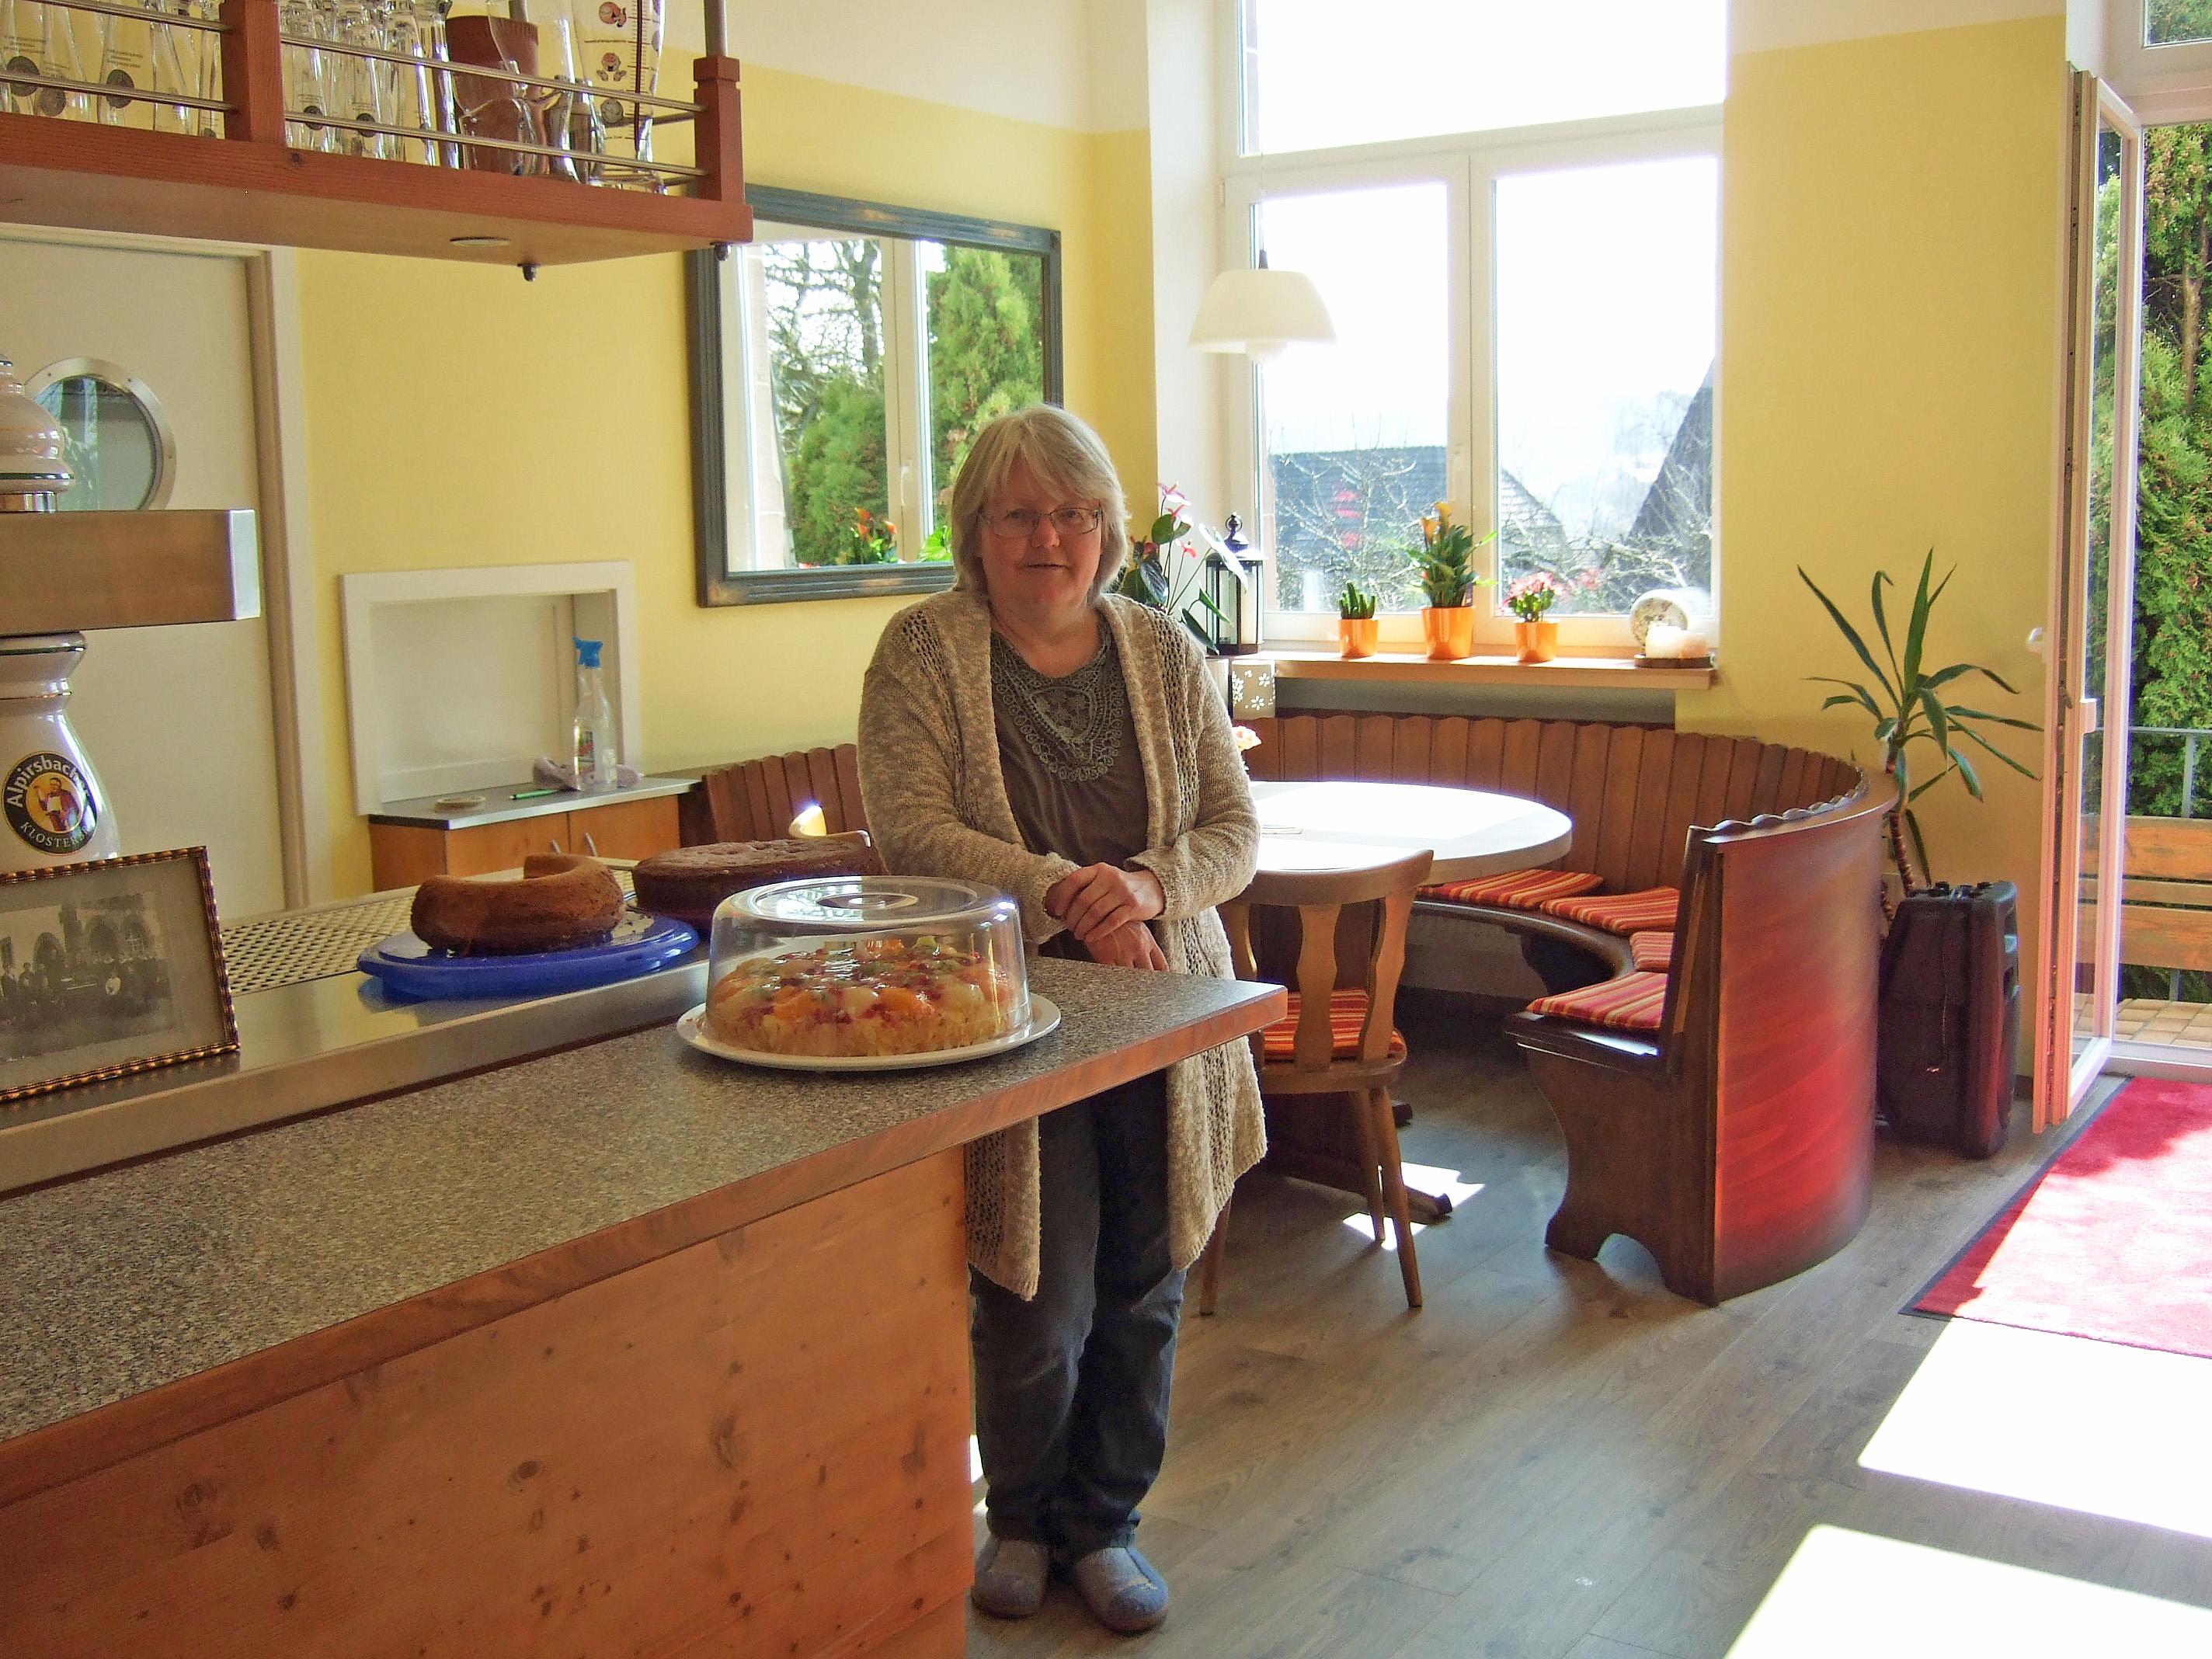 S'Cafe Wirtin an der Theke